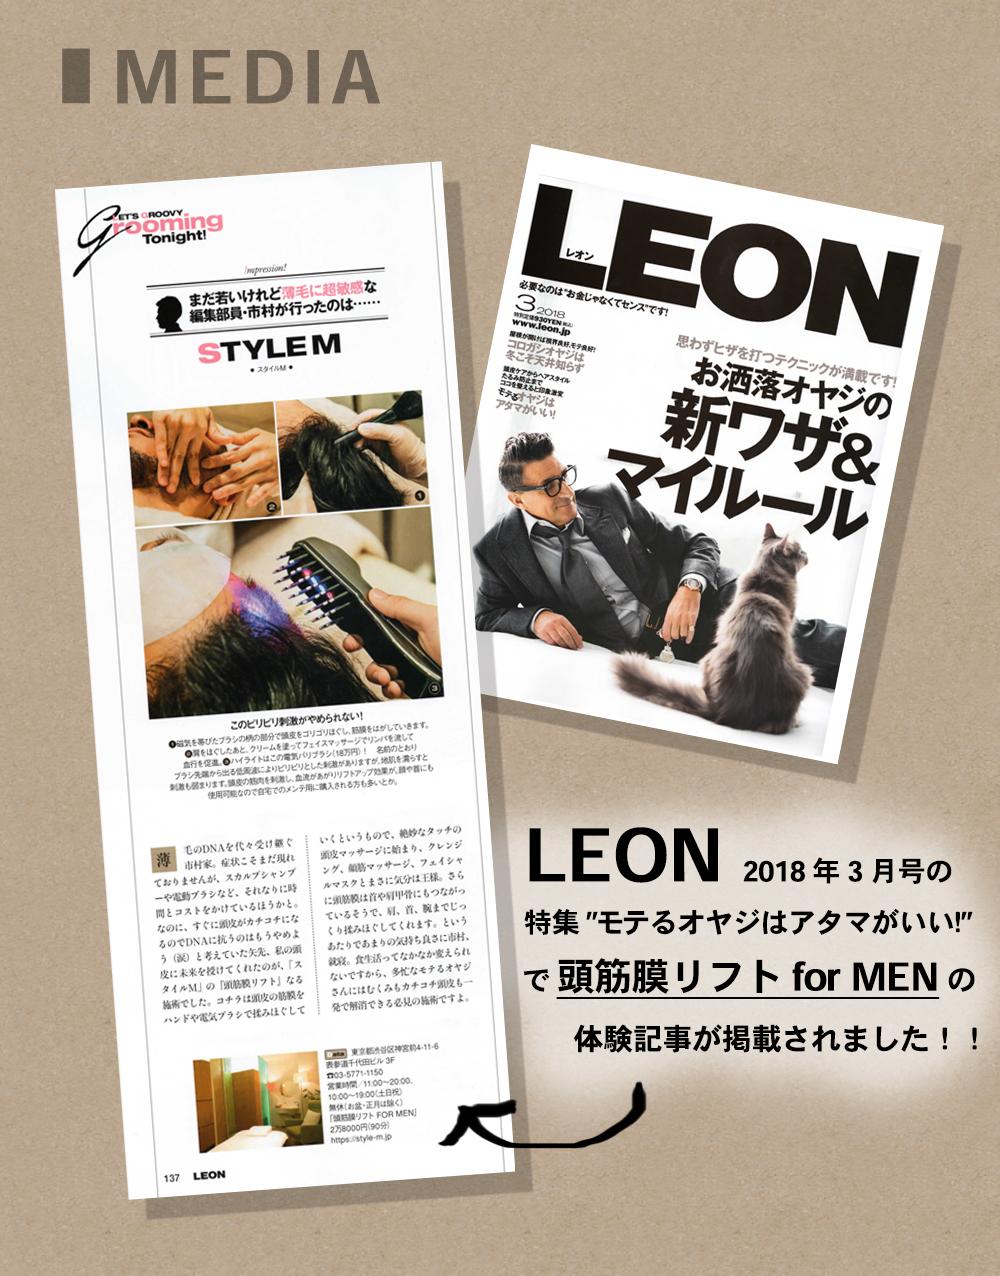 """■ MEDIA  LEON 2018年3月号の特集""""モテるオヤジはアタマがいい!"""" で 頭筋膜リフトfor MENの体験記事が掲載されました!!"""